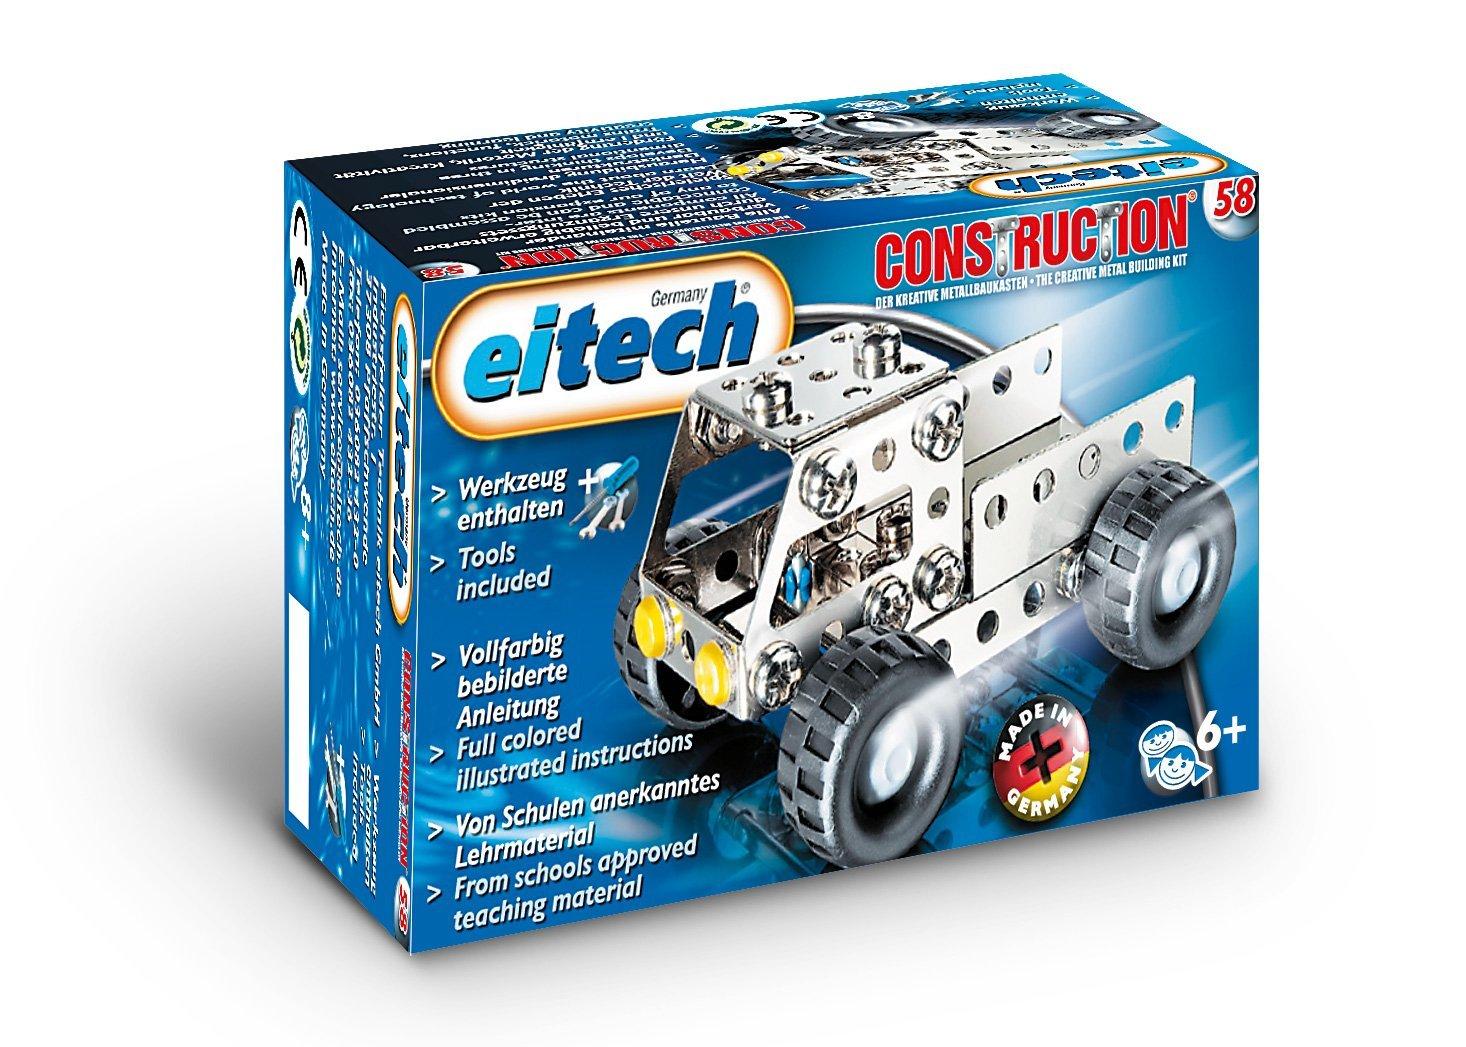 Metalinis konstruktorius EITECH Truck vaikams nuo 6 metų (C58)